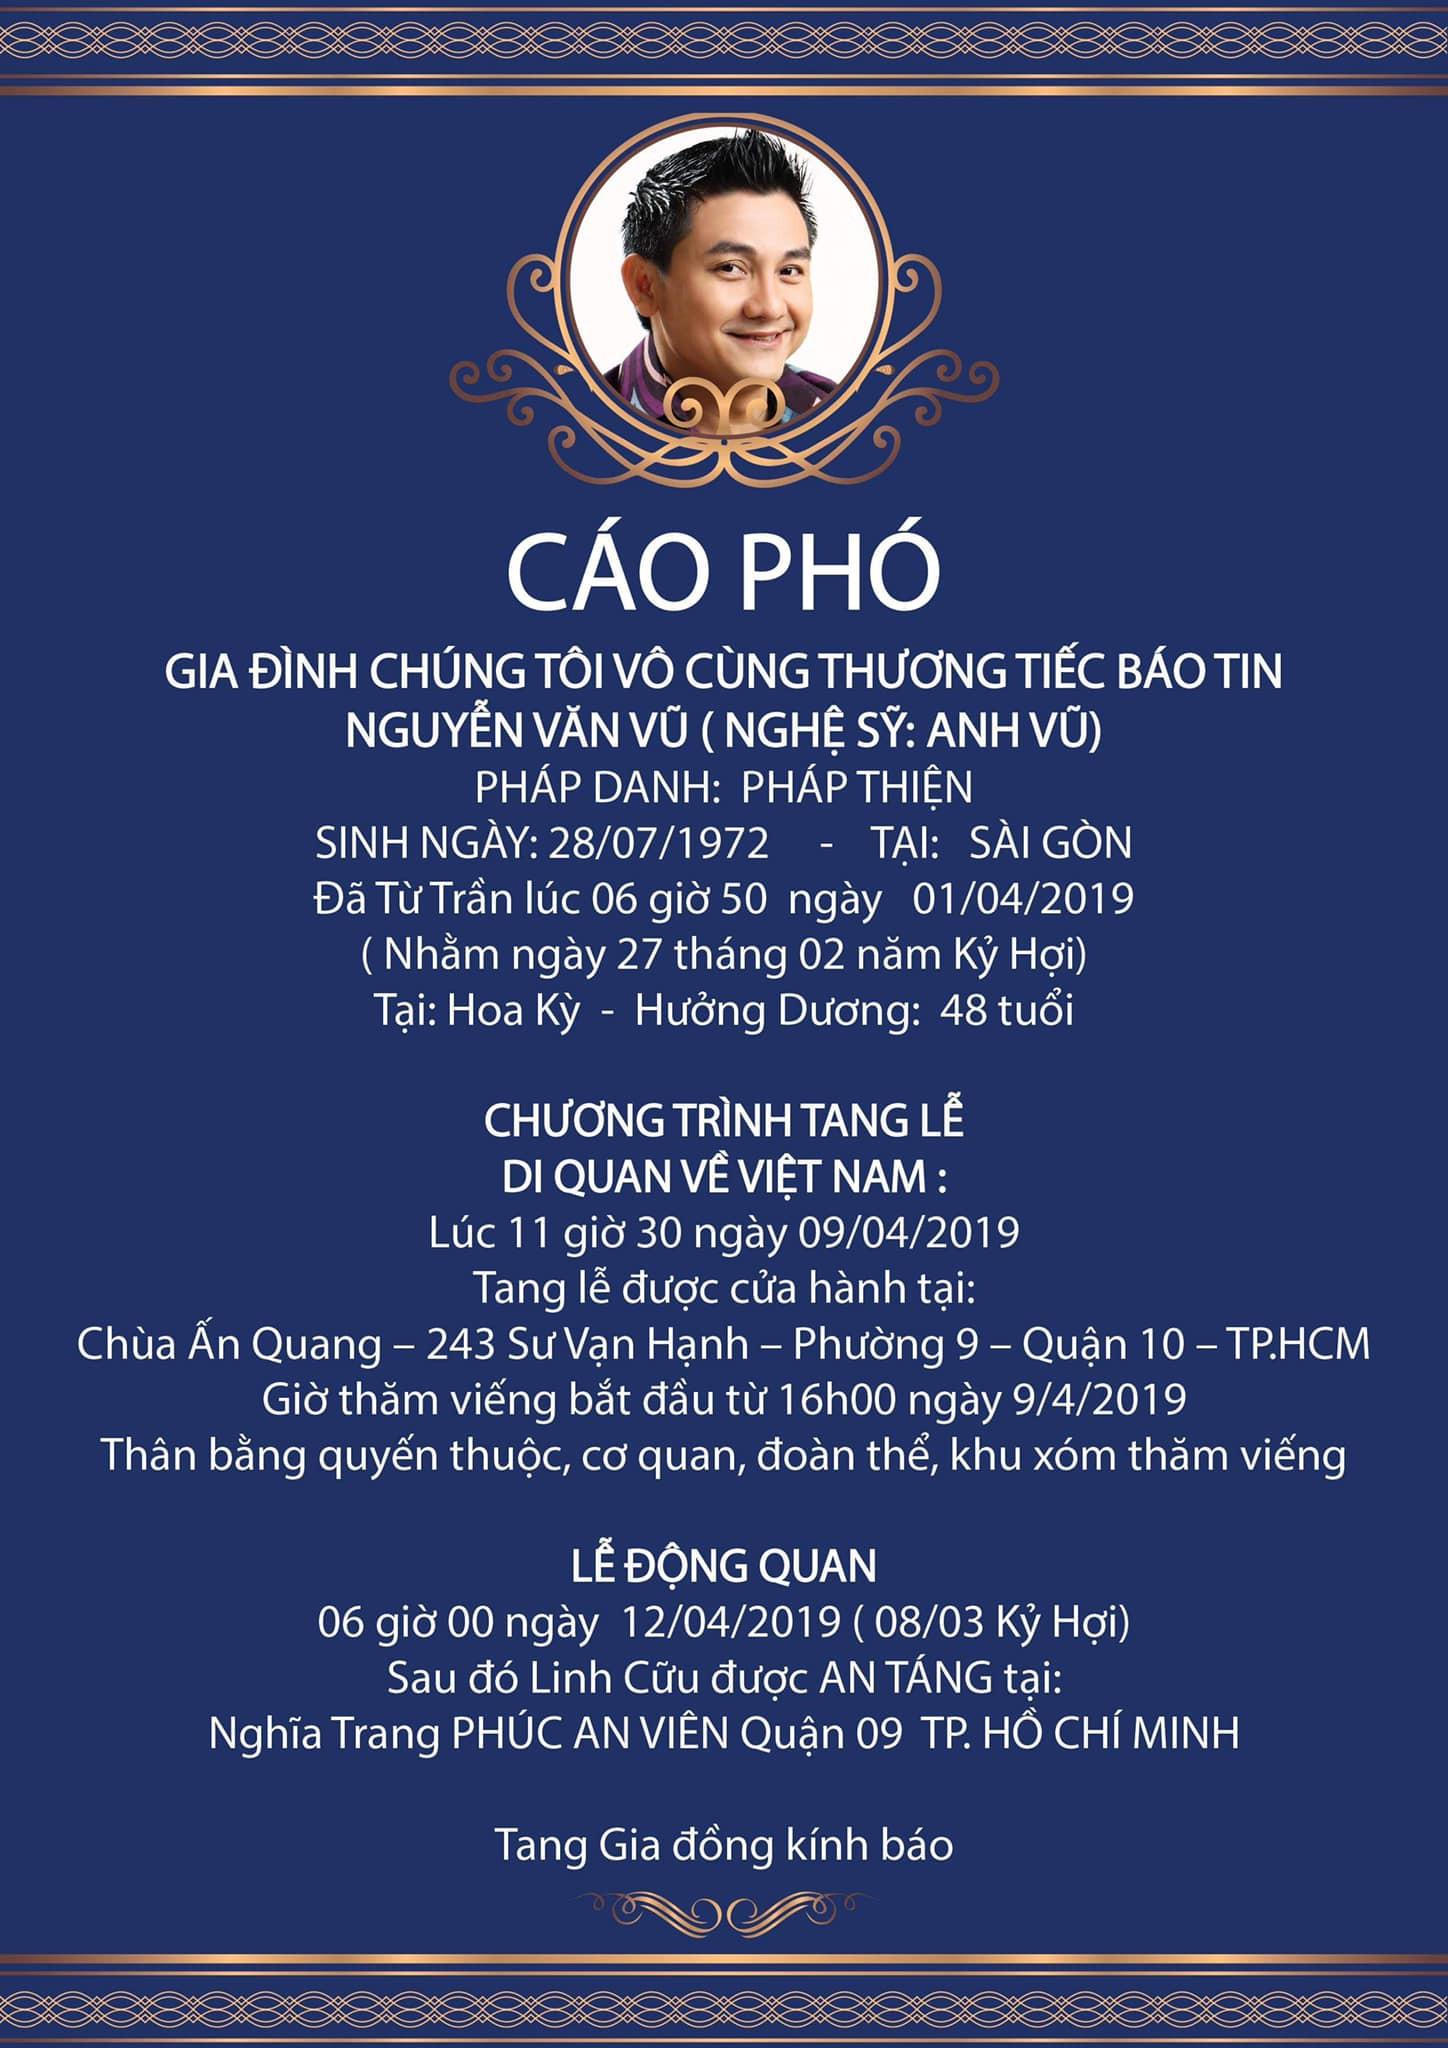 NSND Hồng Vân thay mặt gia đình Anh Vũ thông báo thời gian cử hành tang lễ tại Việt Nam - Ảnh 1.